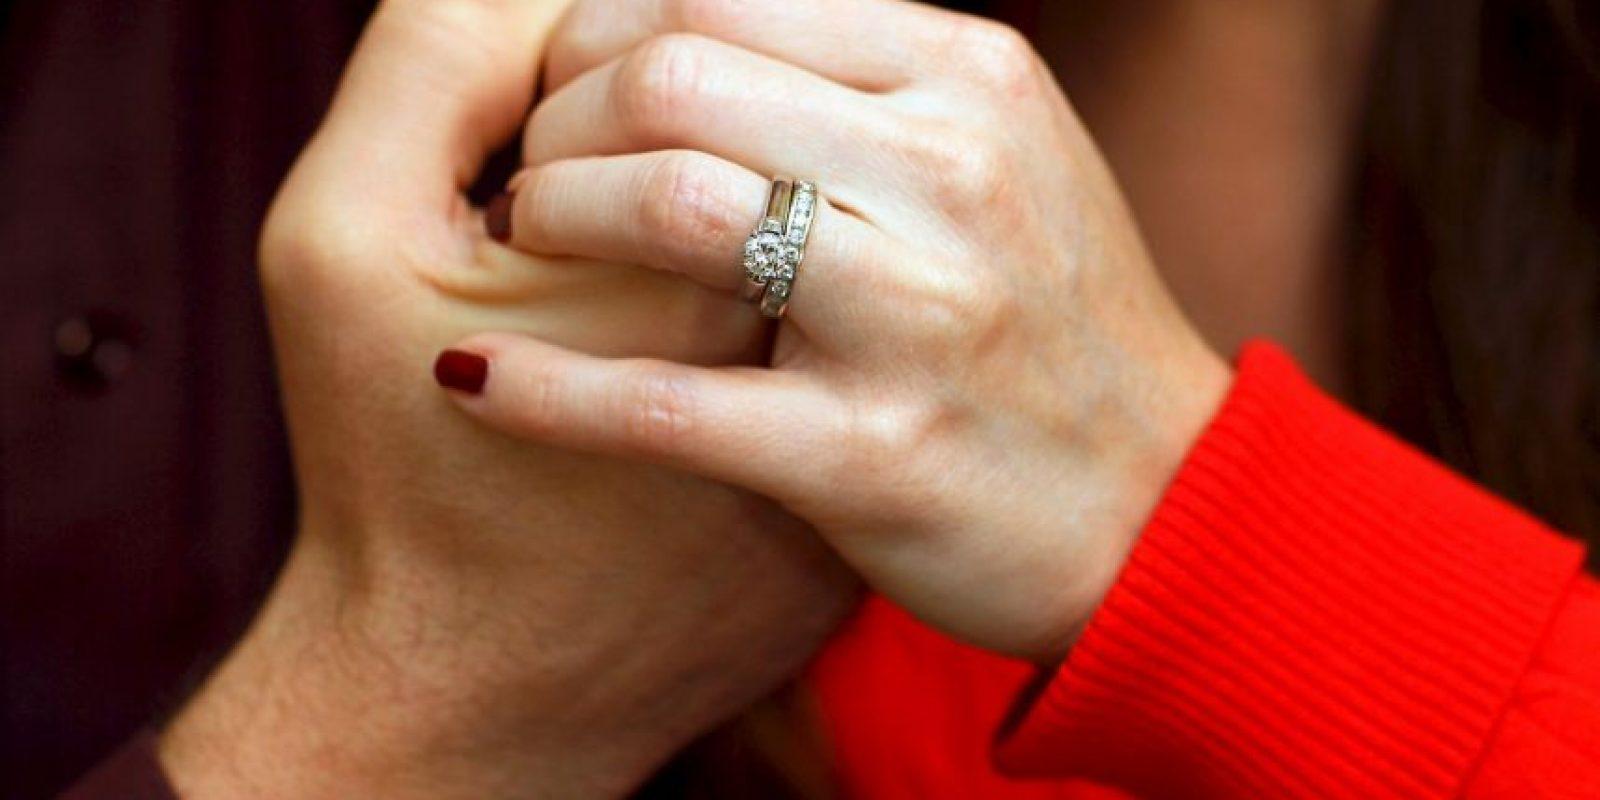 8. Suelen gastar todos sus ahorros para mantener a su pareja cerca. Foto:Getty Images